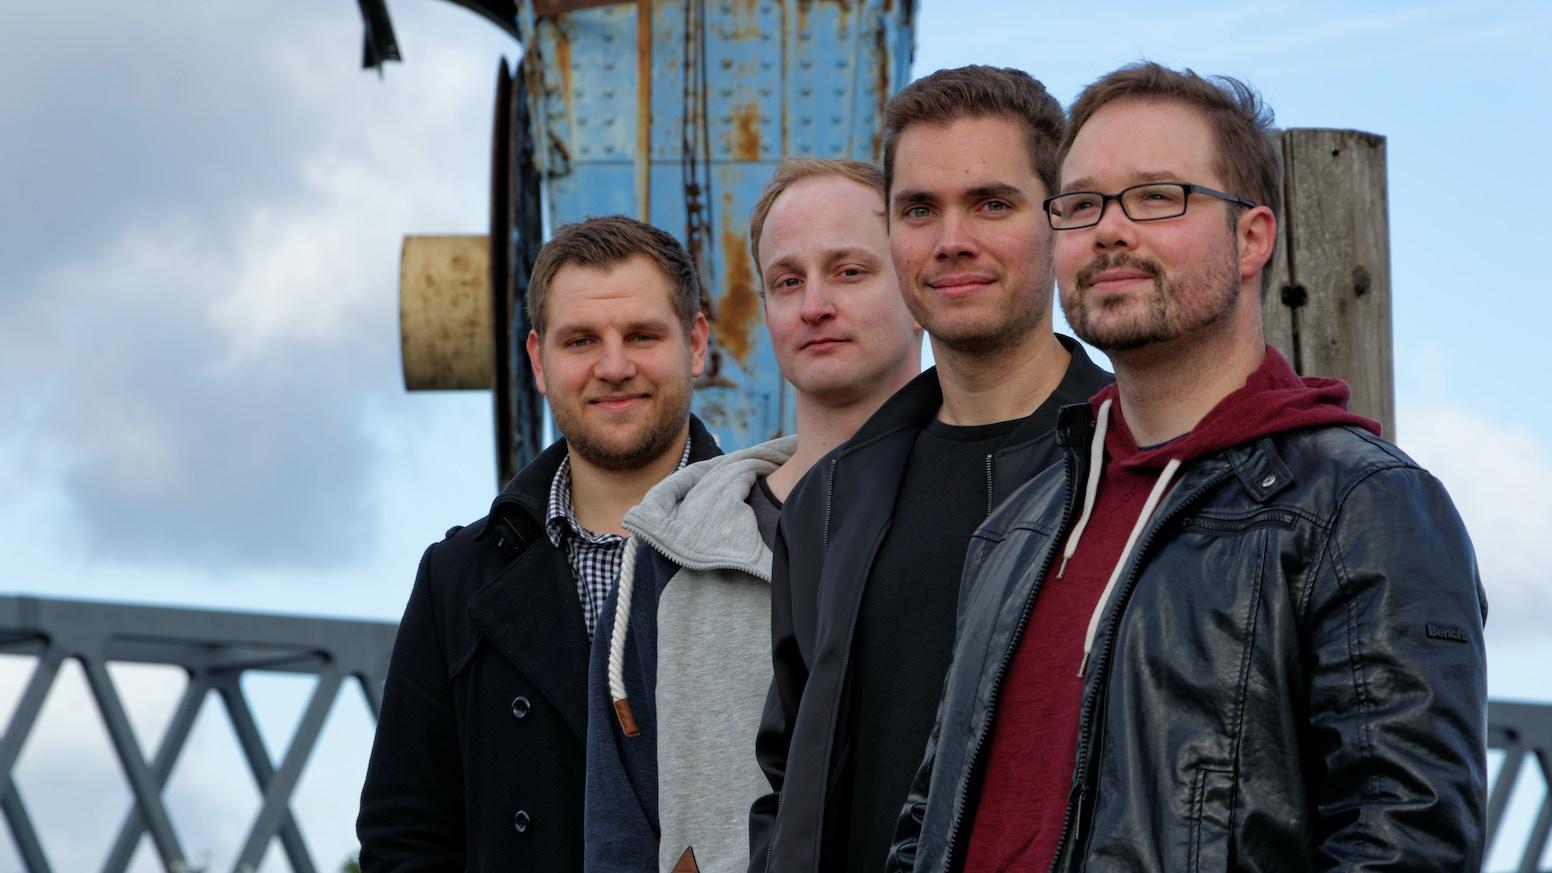 Ein neues Studioalbum der Rockband Monkey Fly.